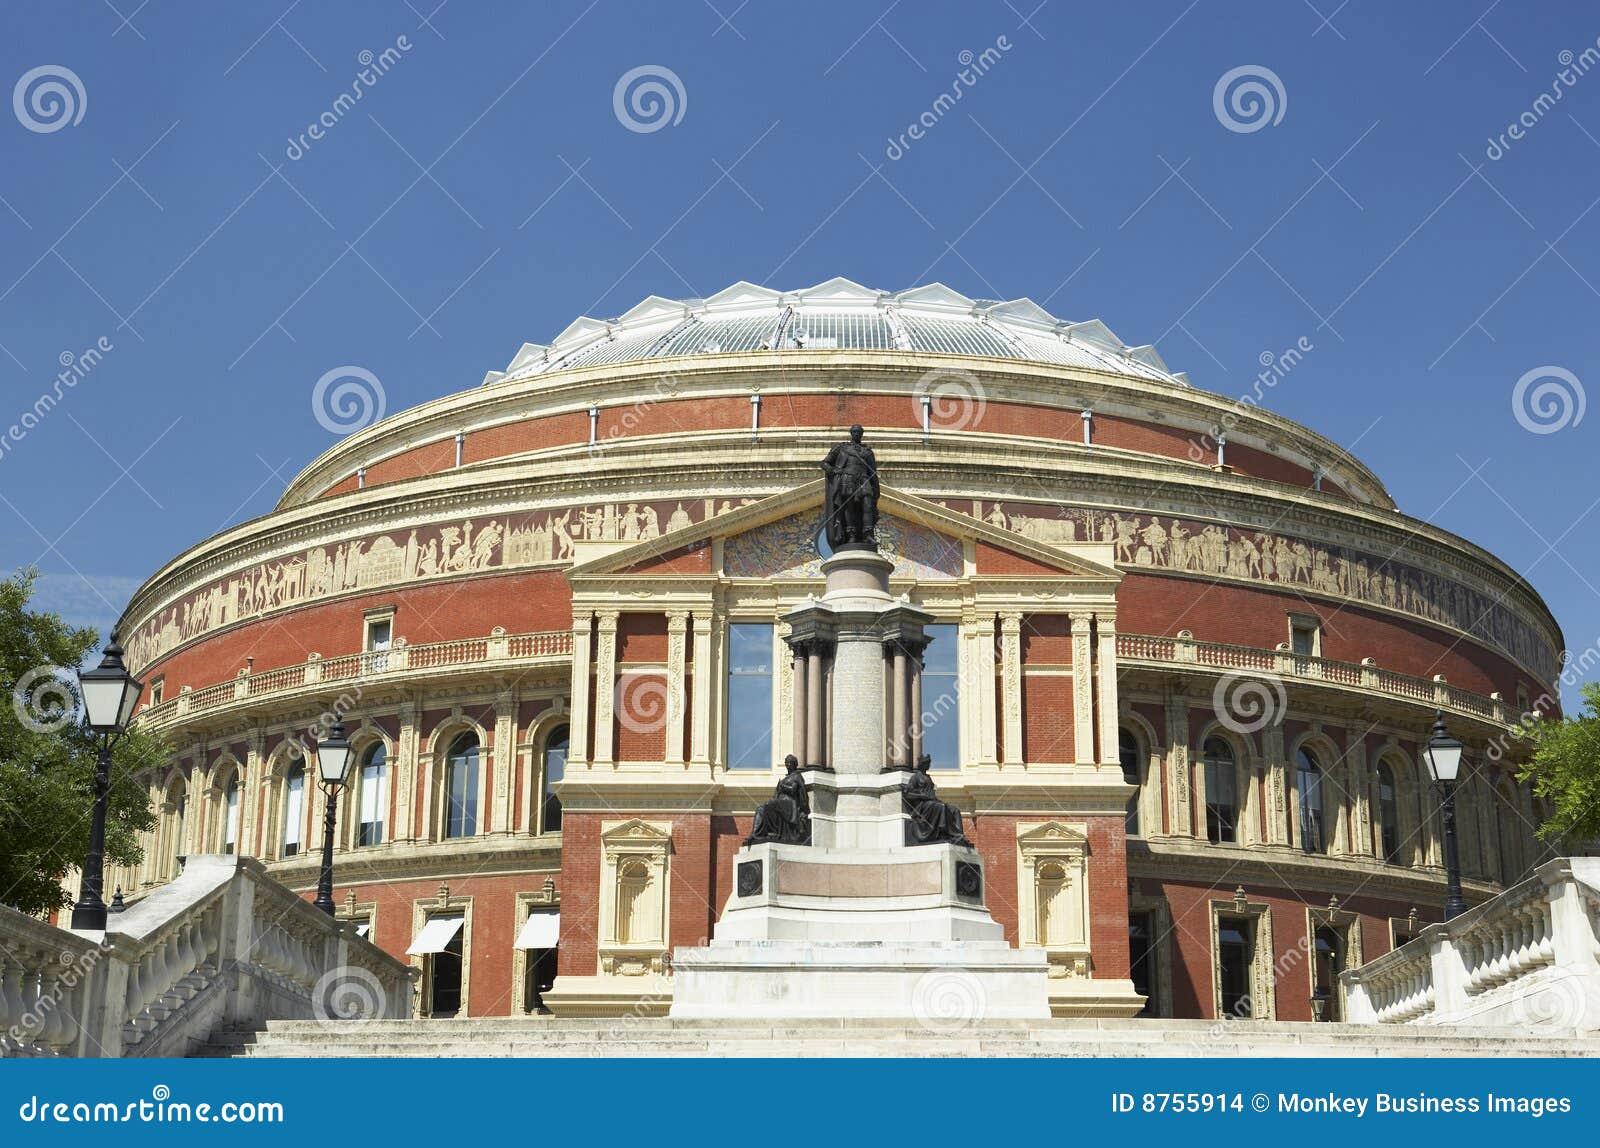 royal albert hall london england stock images image